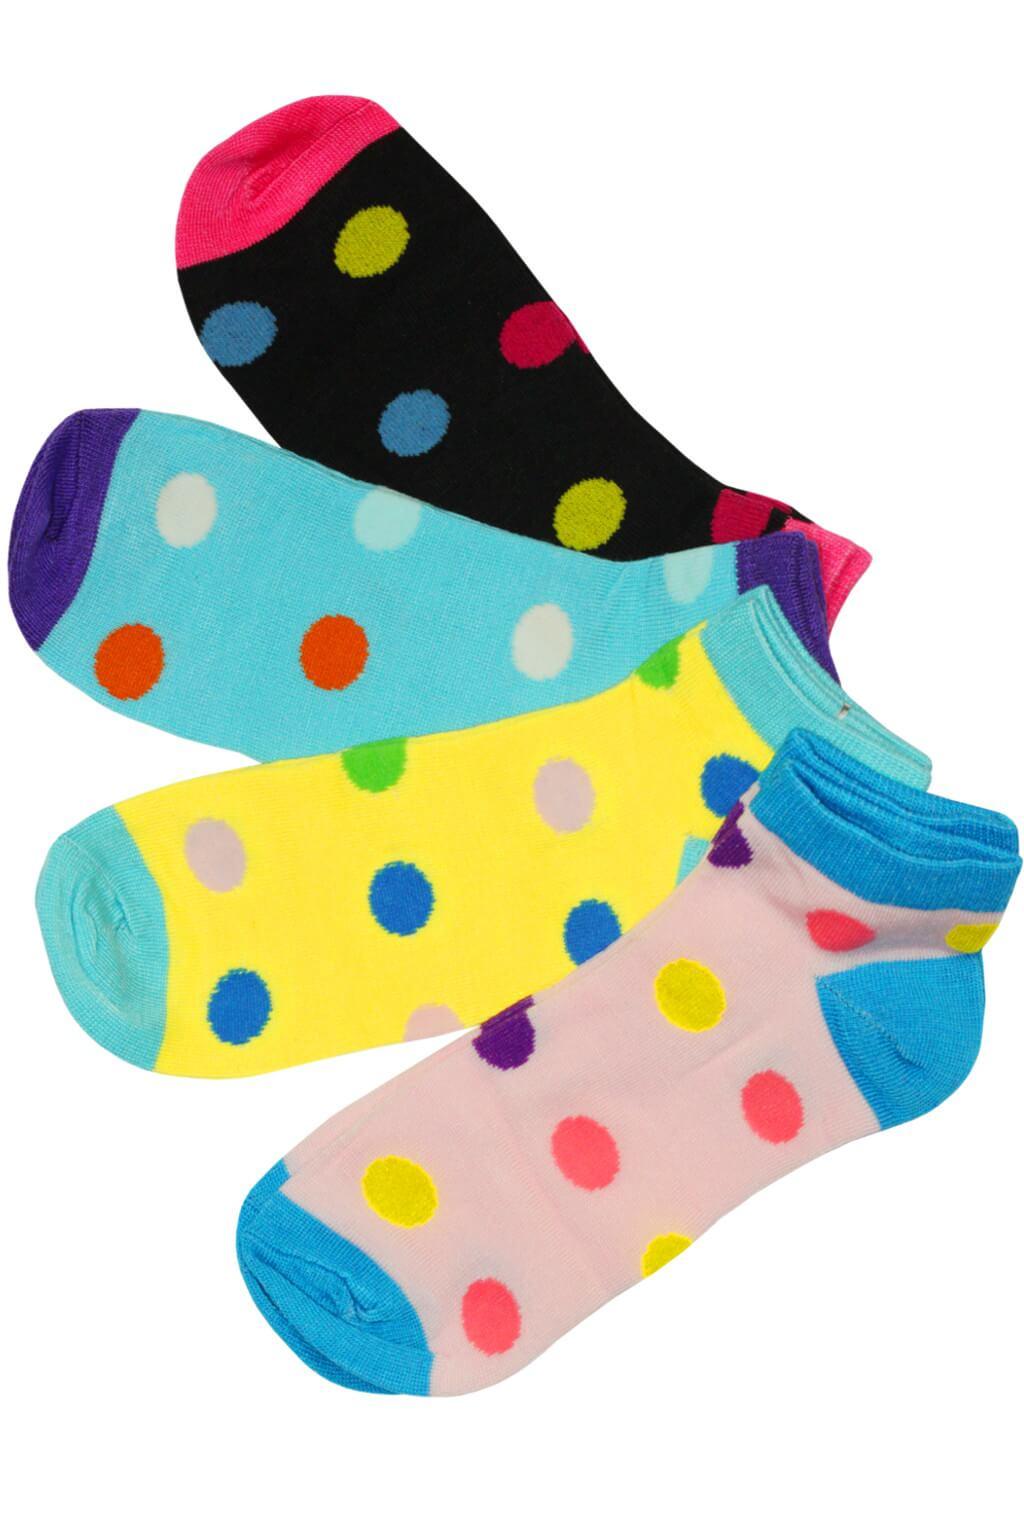 Dámské levné veselé ponožky LW622- 3 páry 39-42 MIX